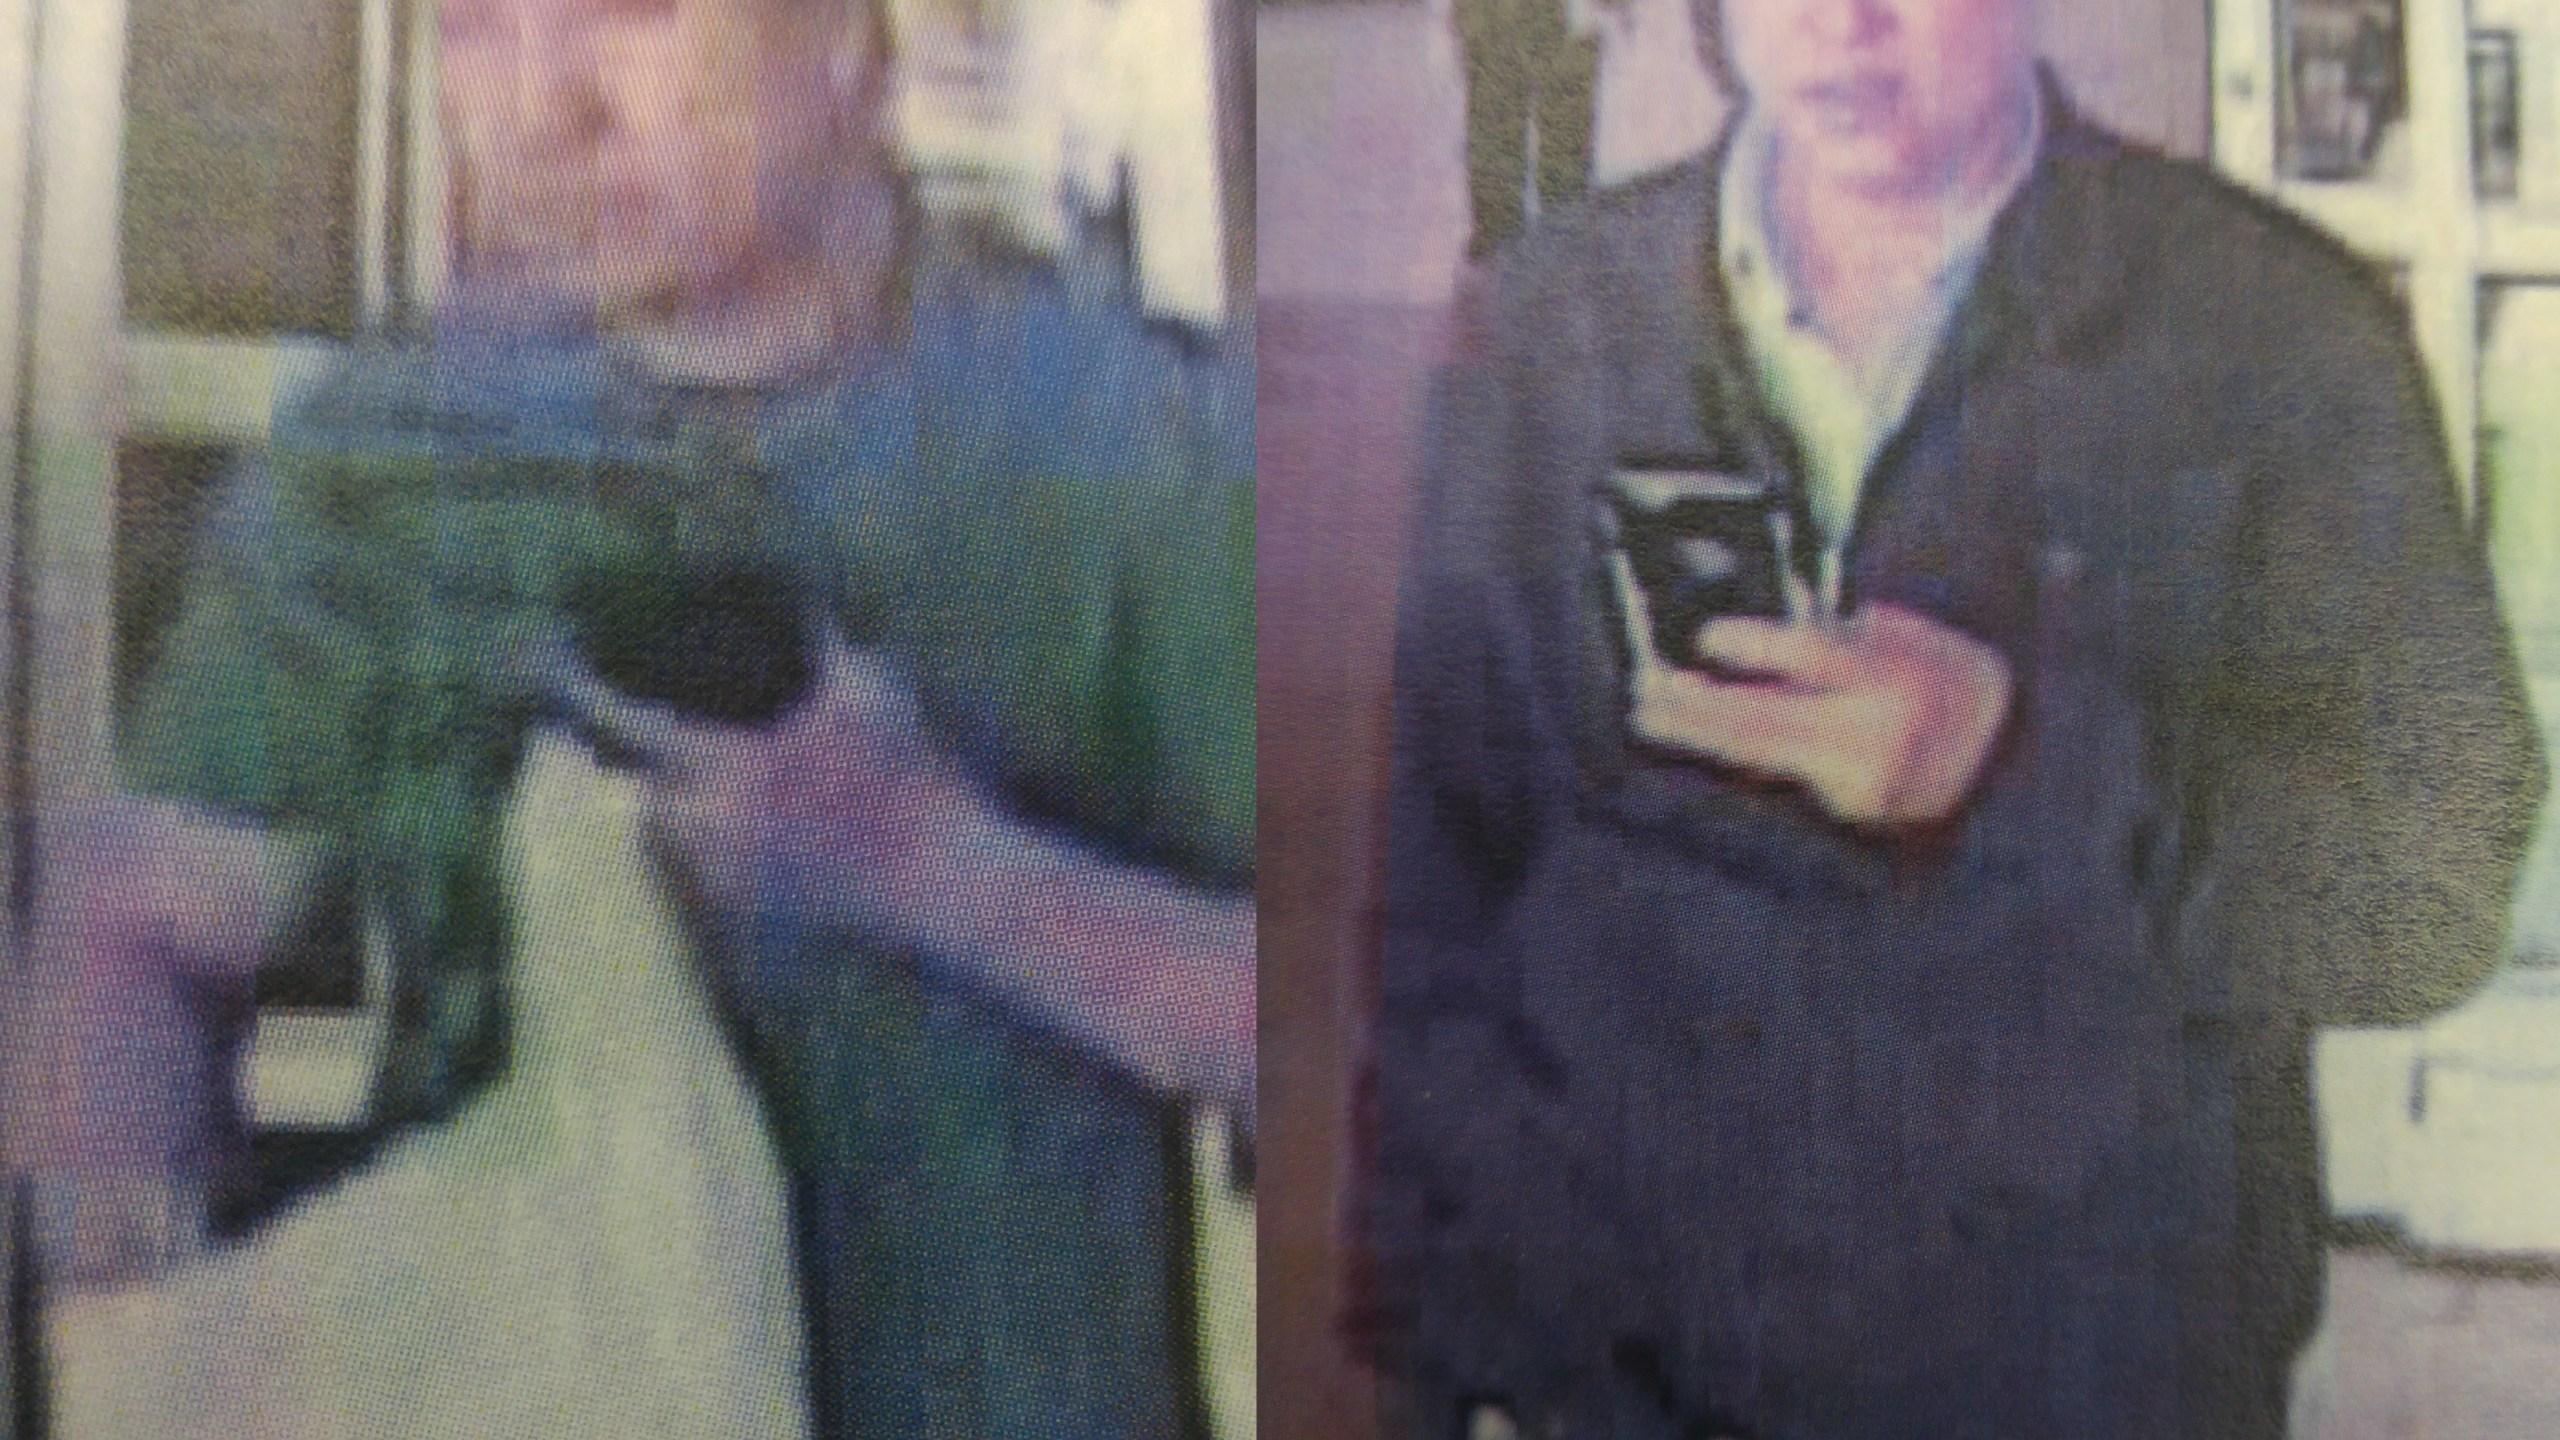 Rincon suspects_1554993065939.jpg.jpg